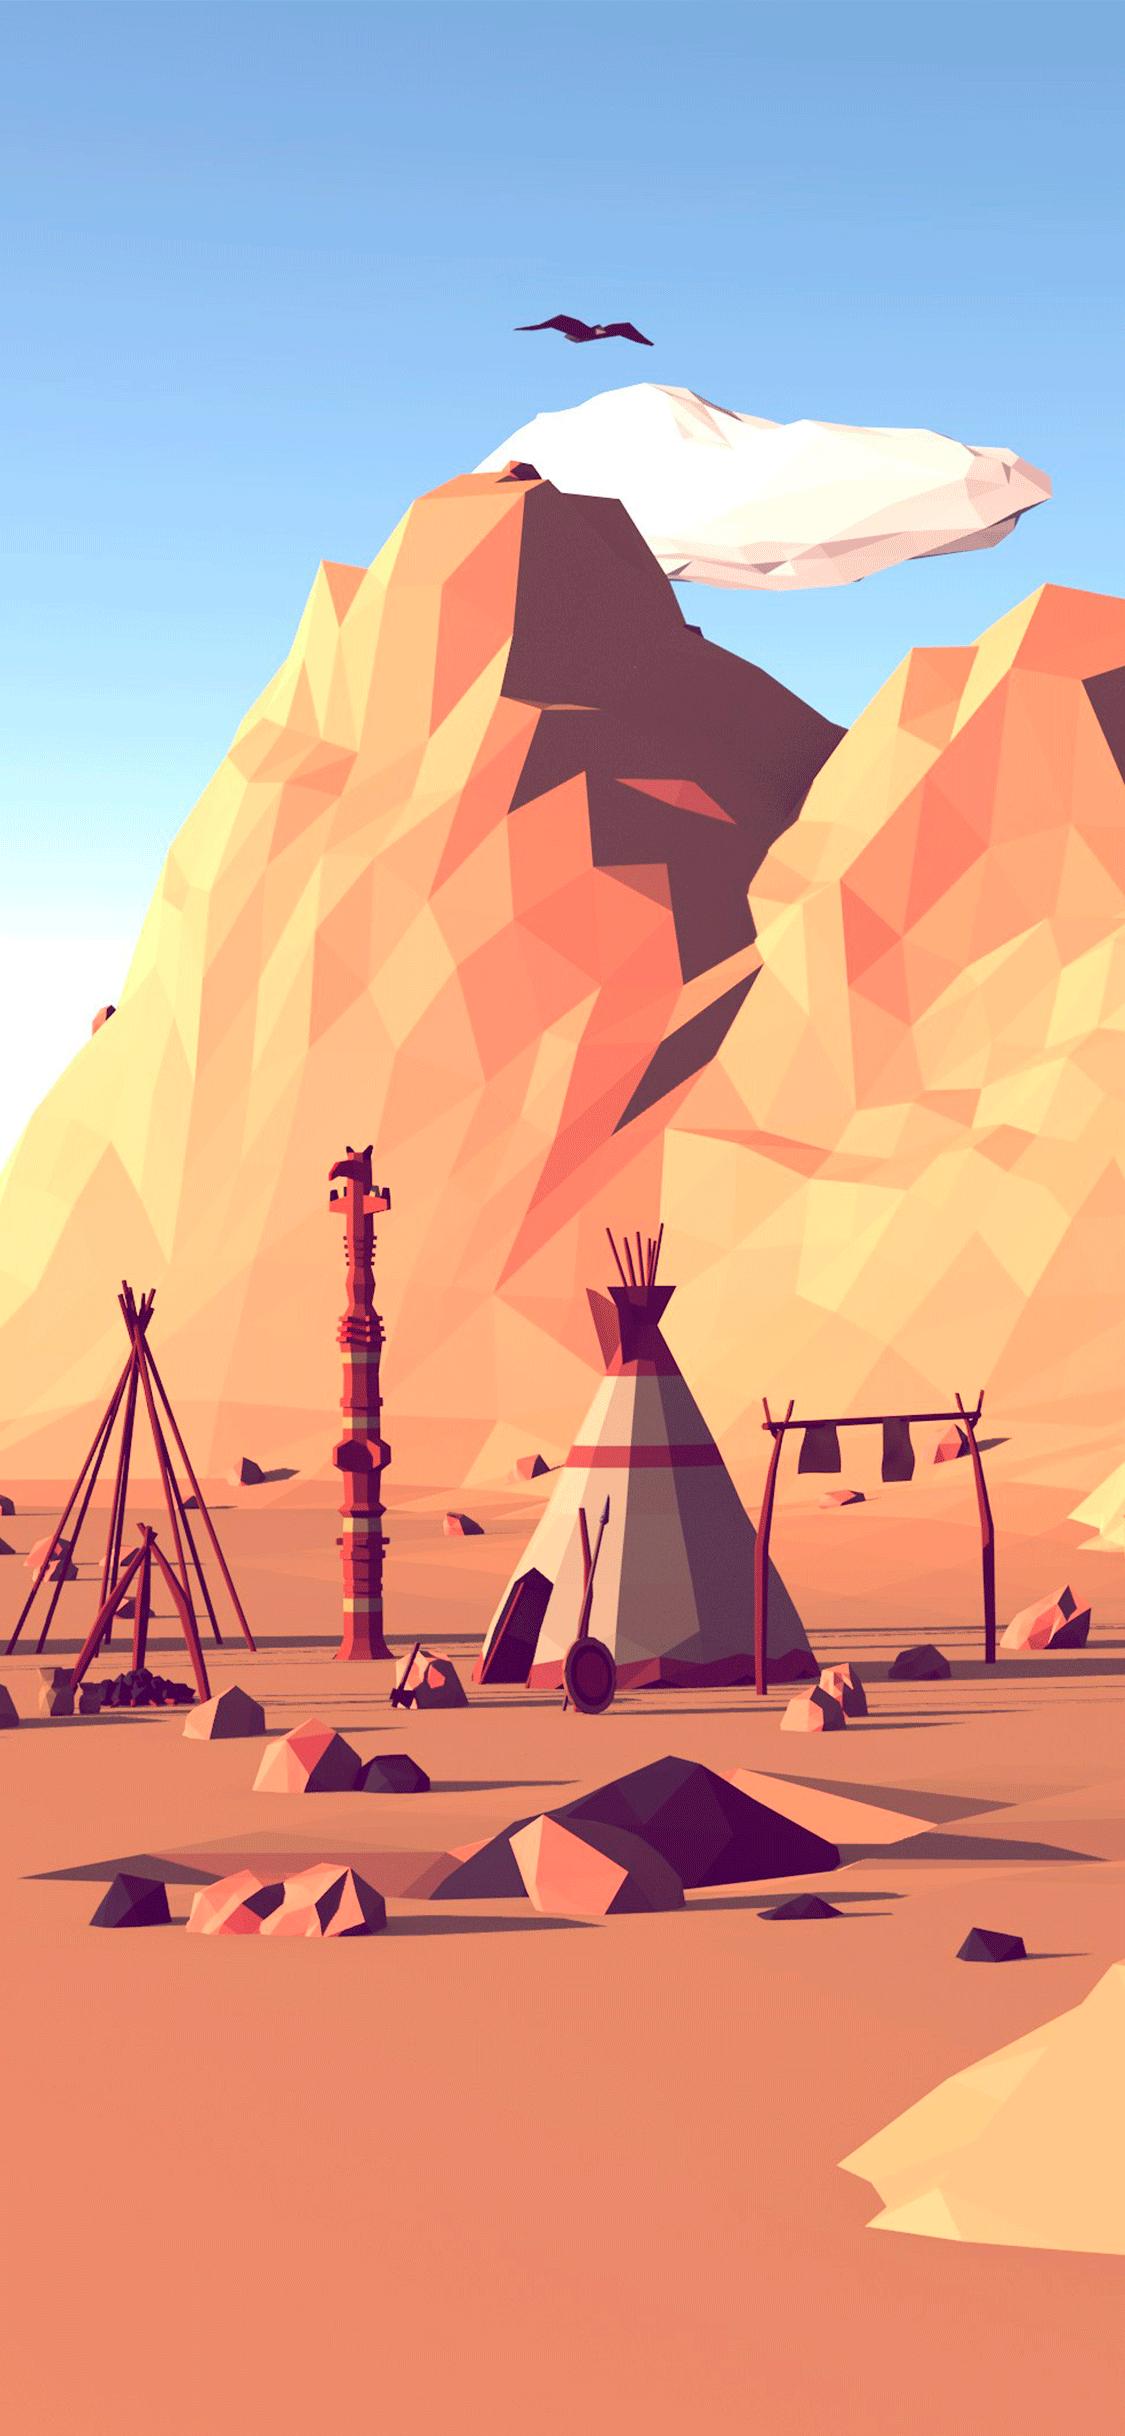 iPhone wallpaper illustration mountains Illustration